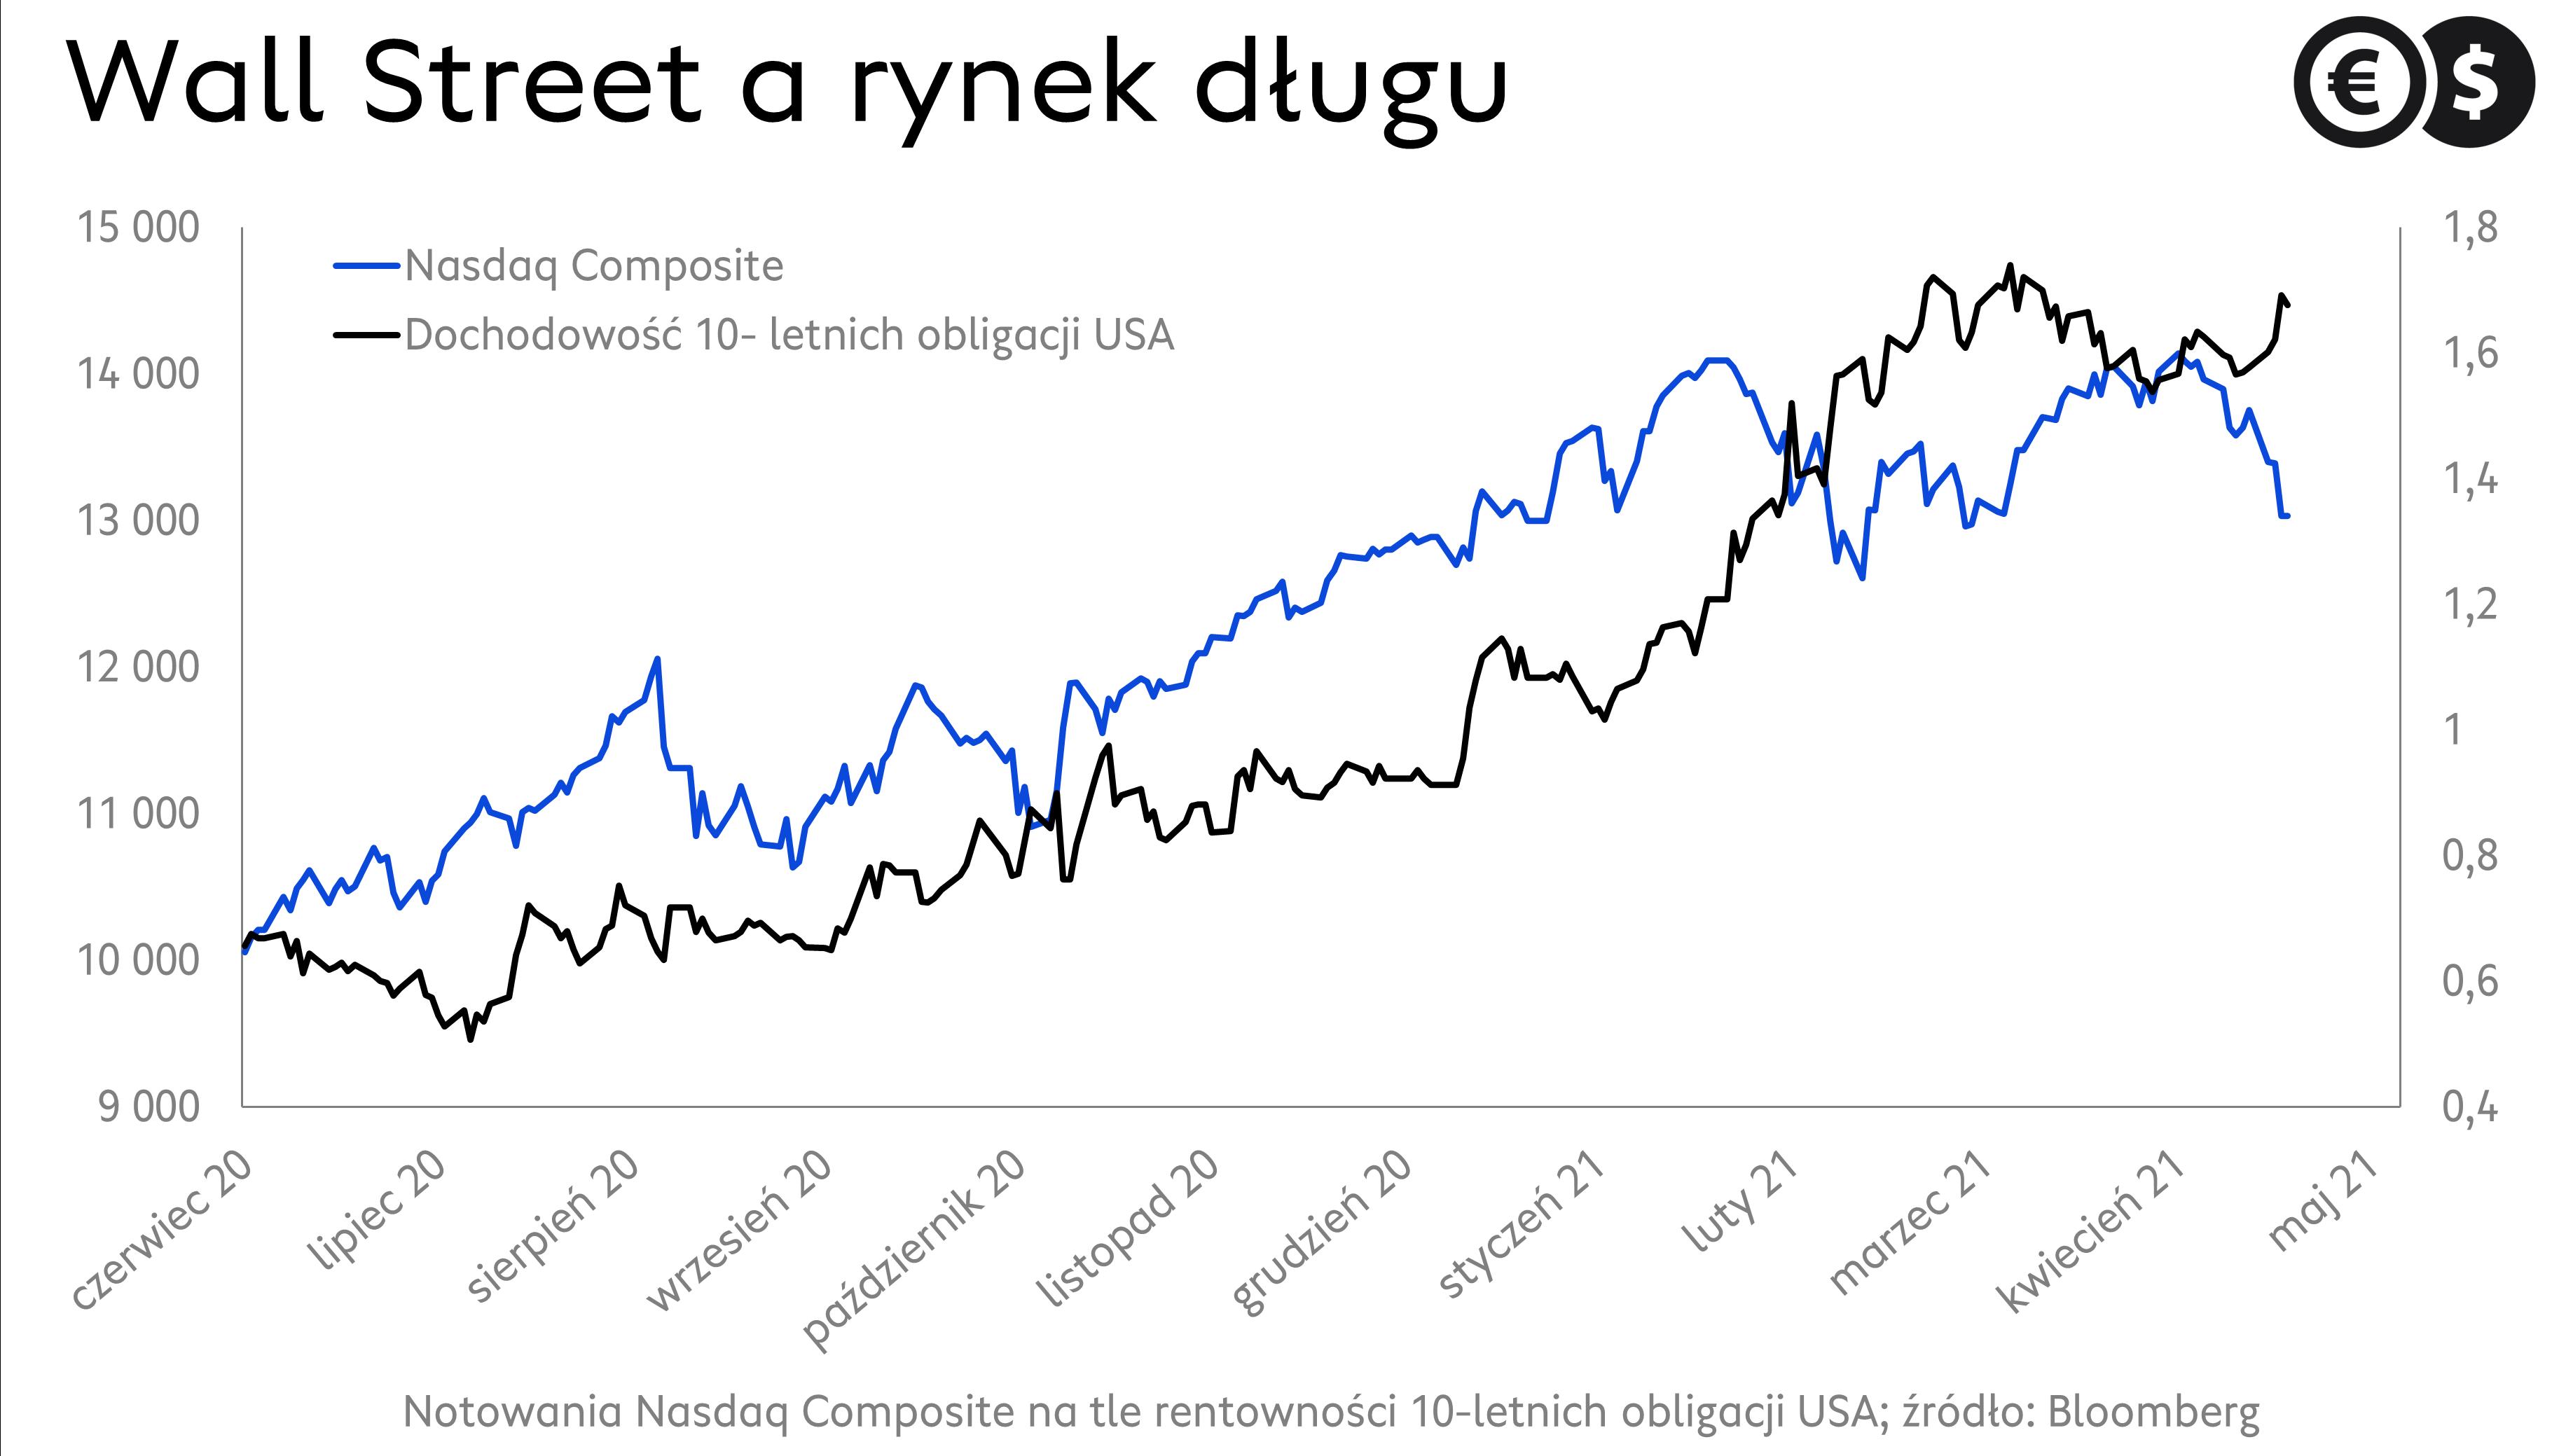 Rynek długu USA i notowania spółek z sektora technologicznego; źródło: Bloomberg